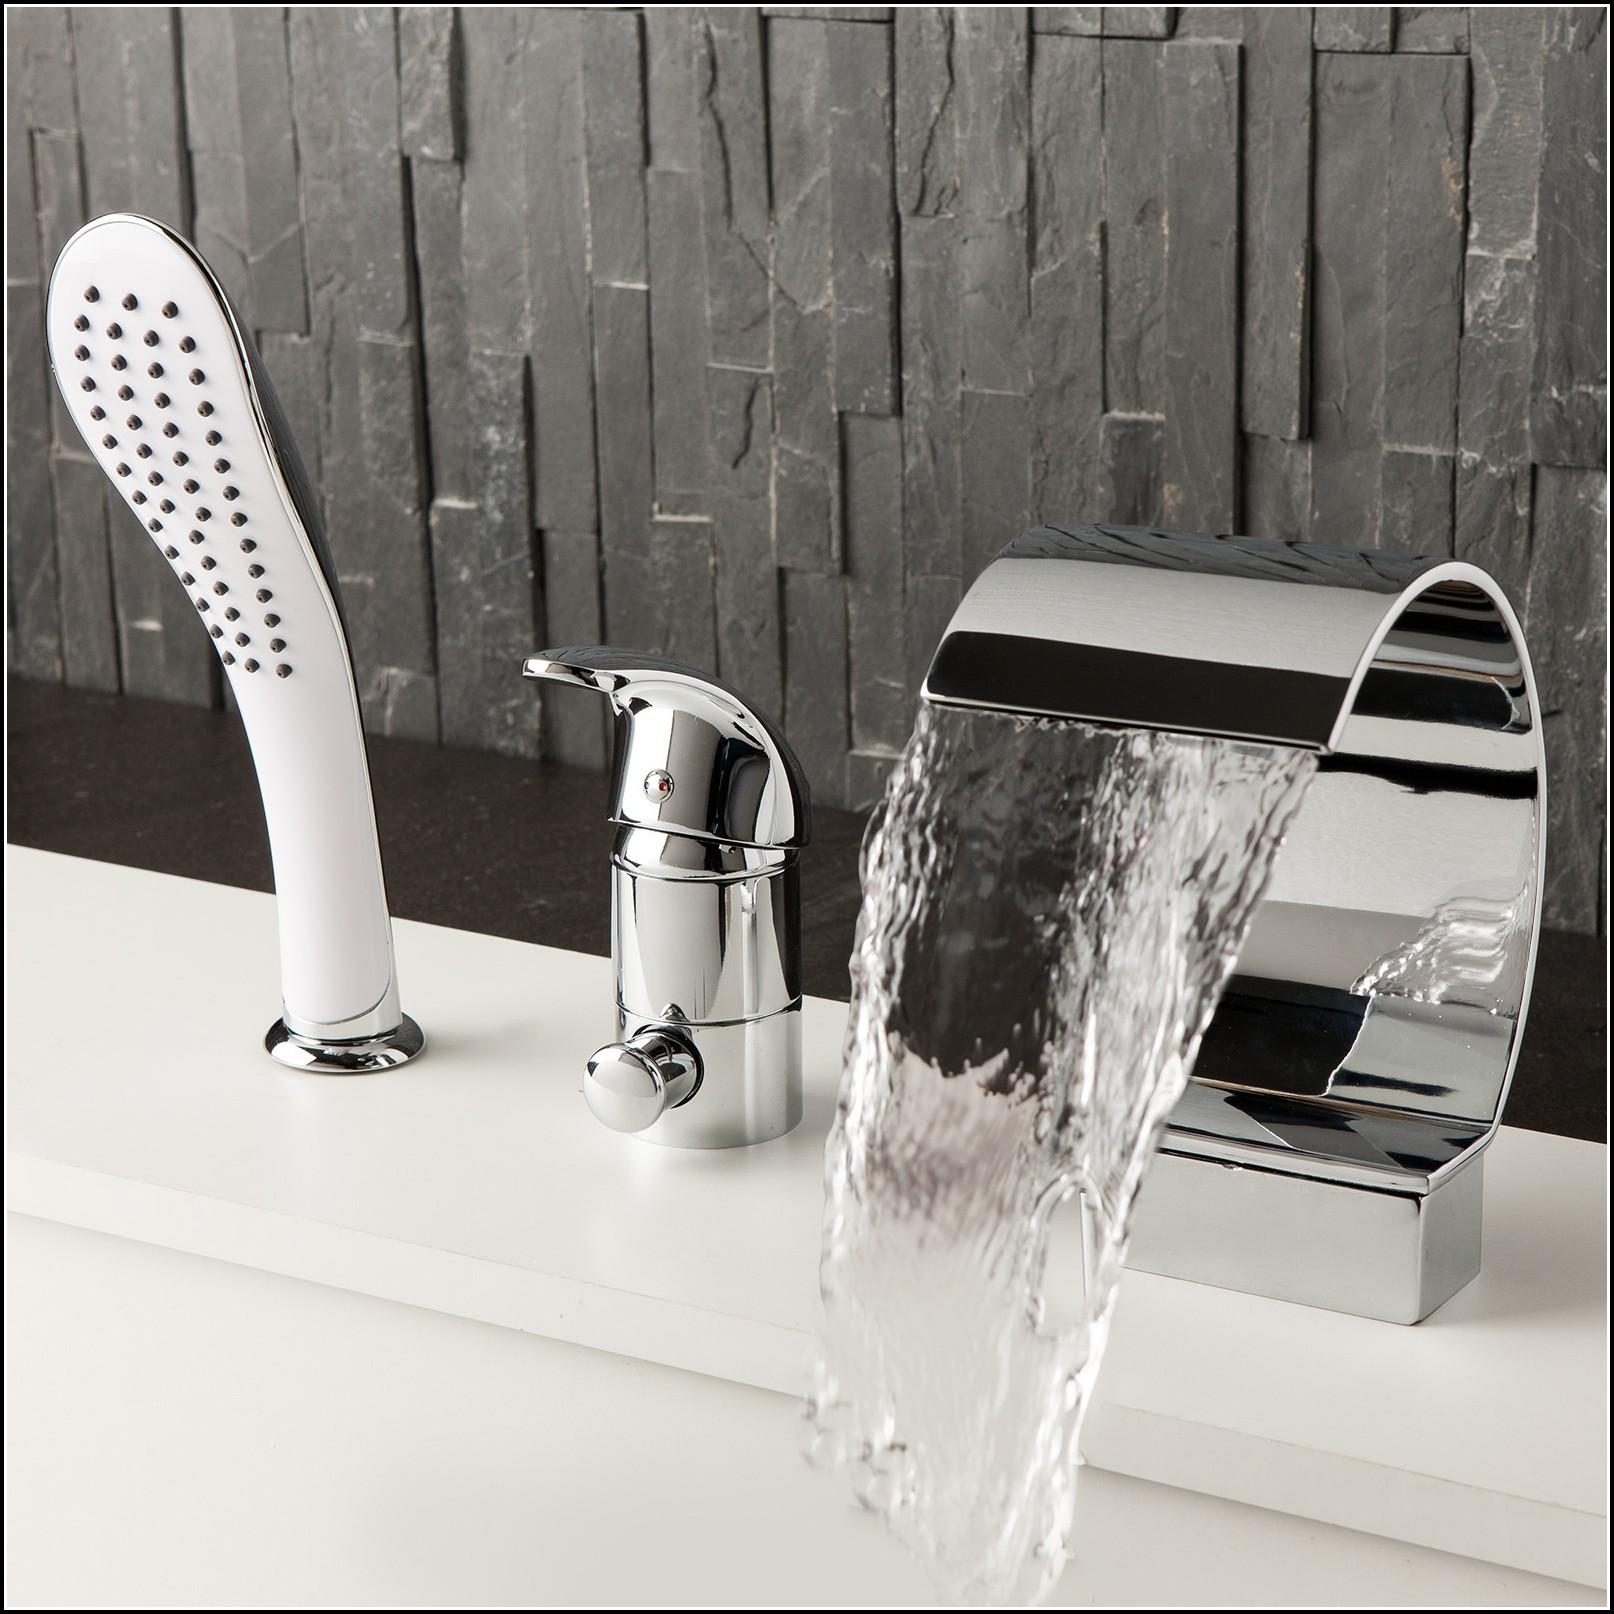 Wasserfall Armatur Für Badewanne